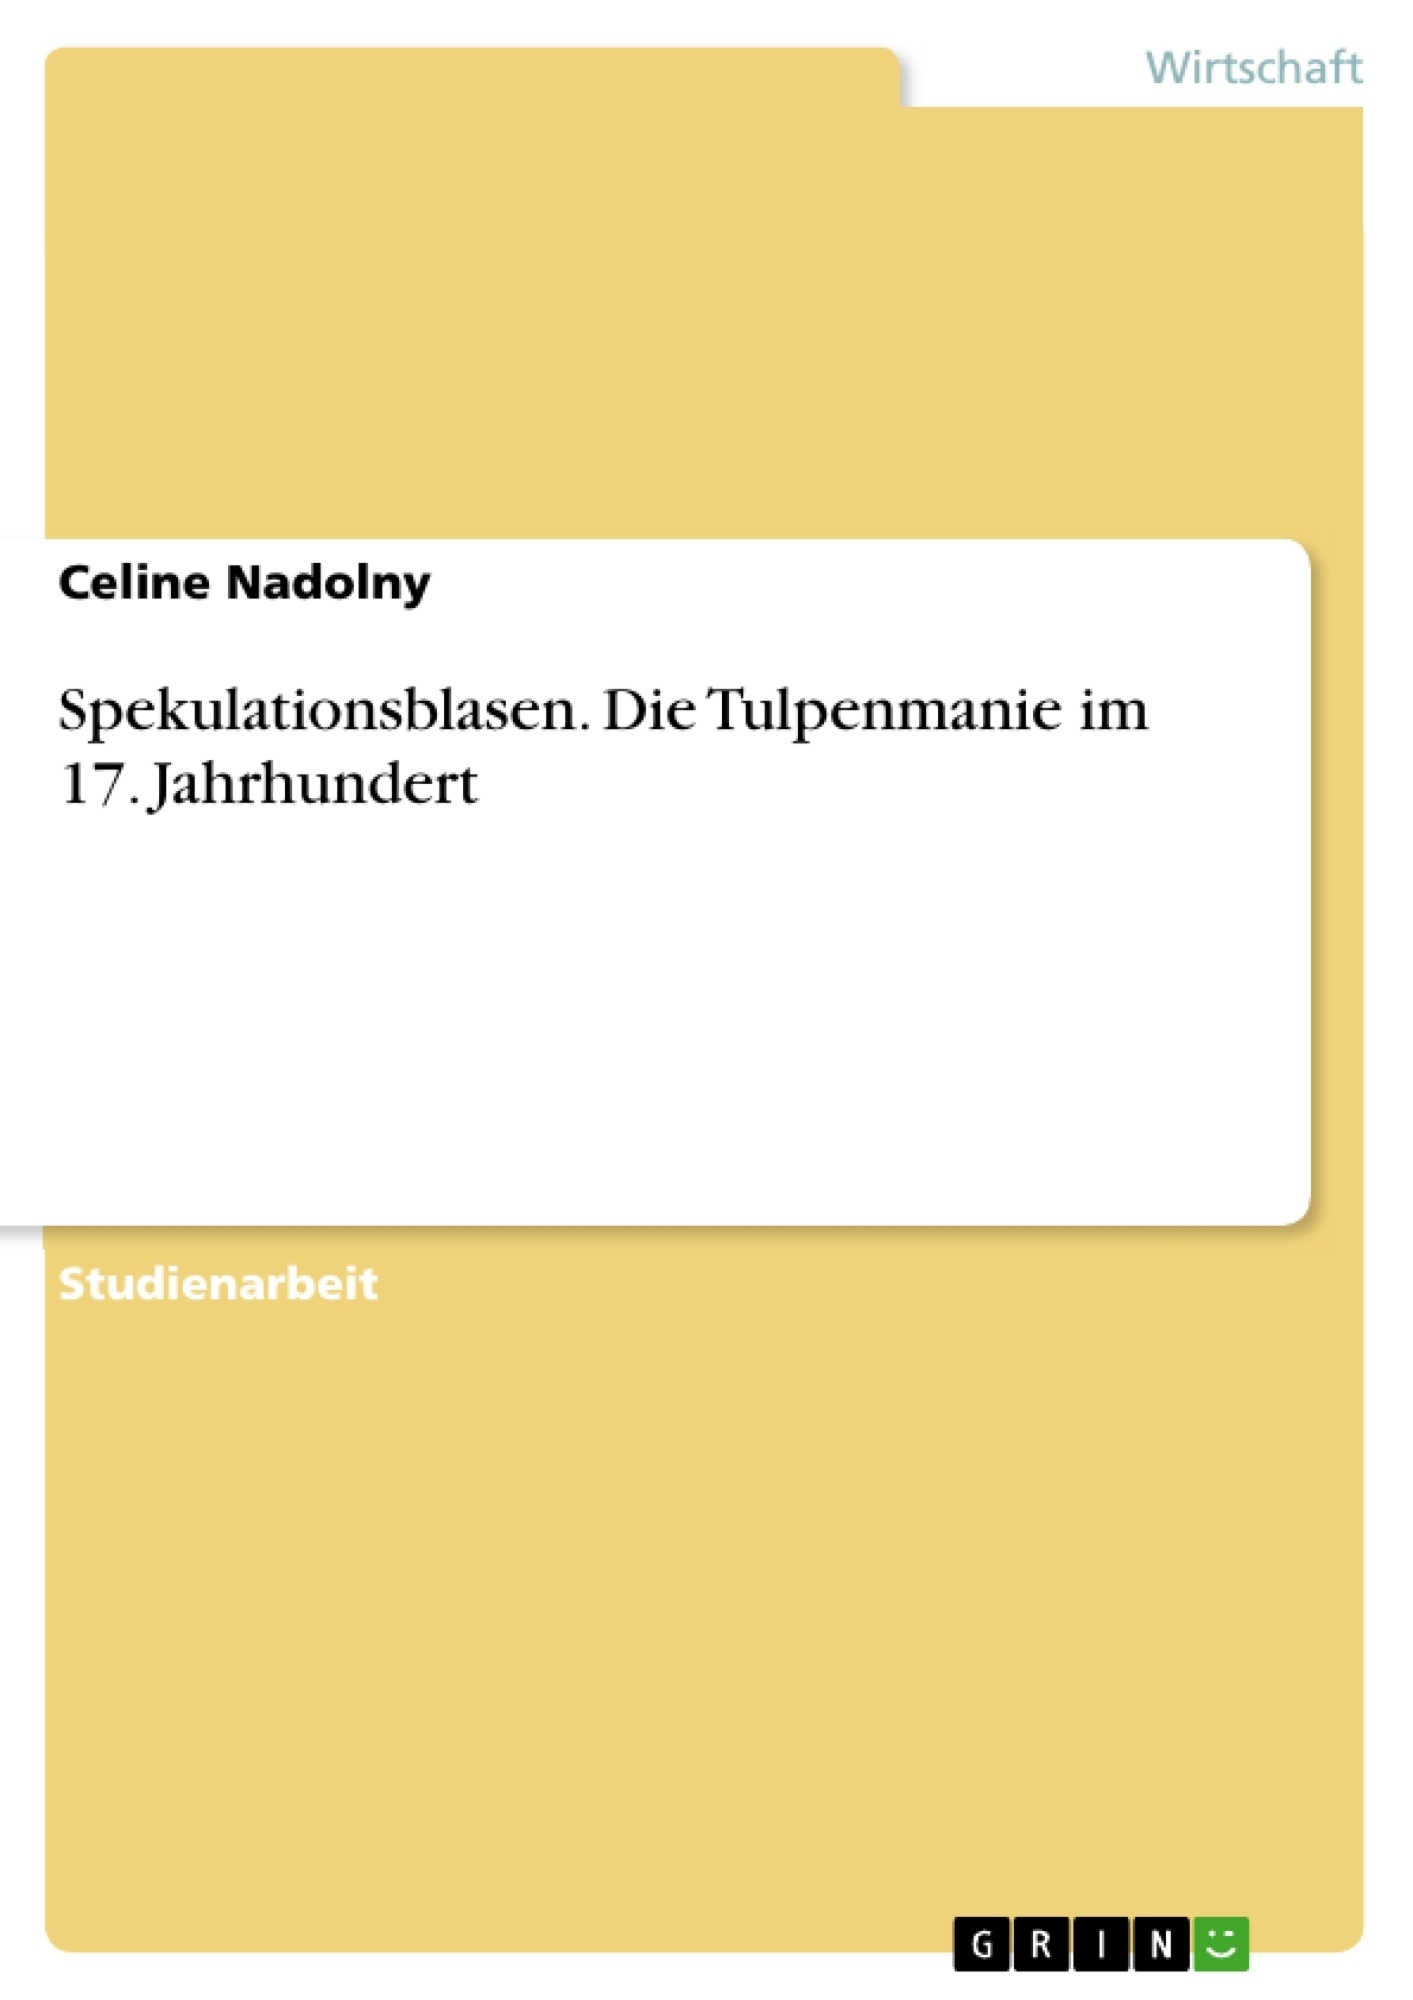 Titel: Spekulationsblasen. Die Tulpenmanie im 17. Jahrhundert